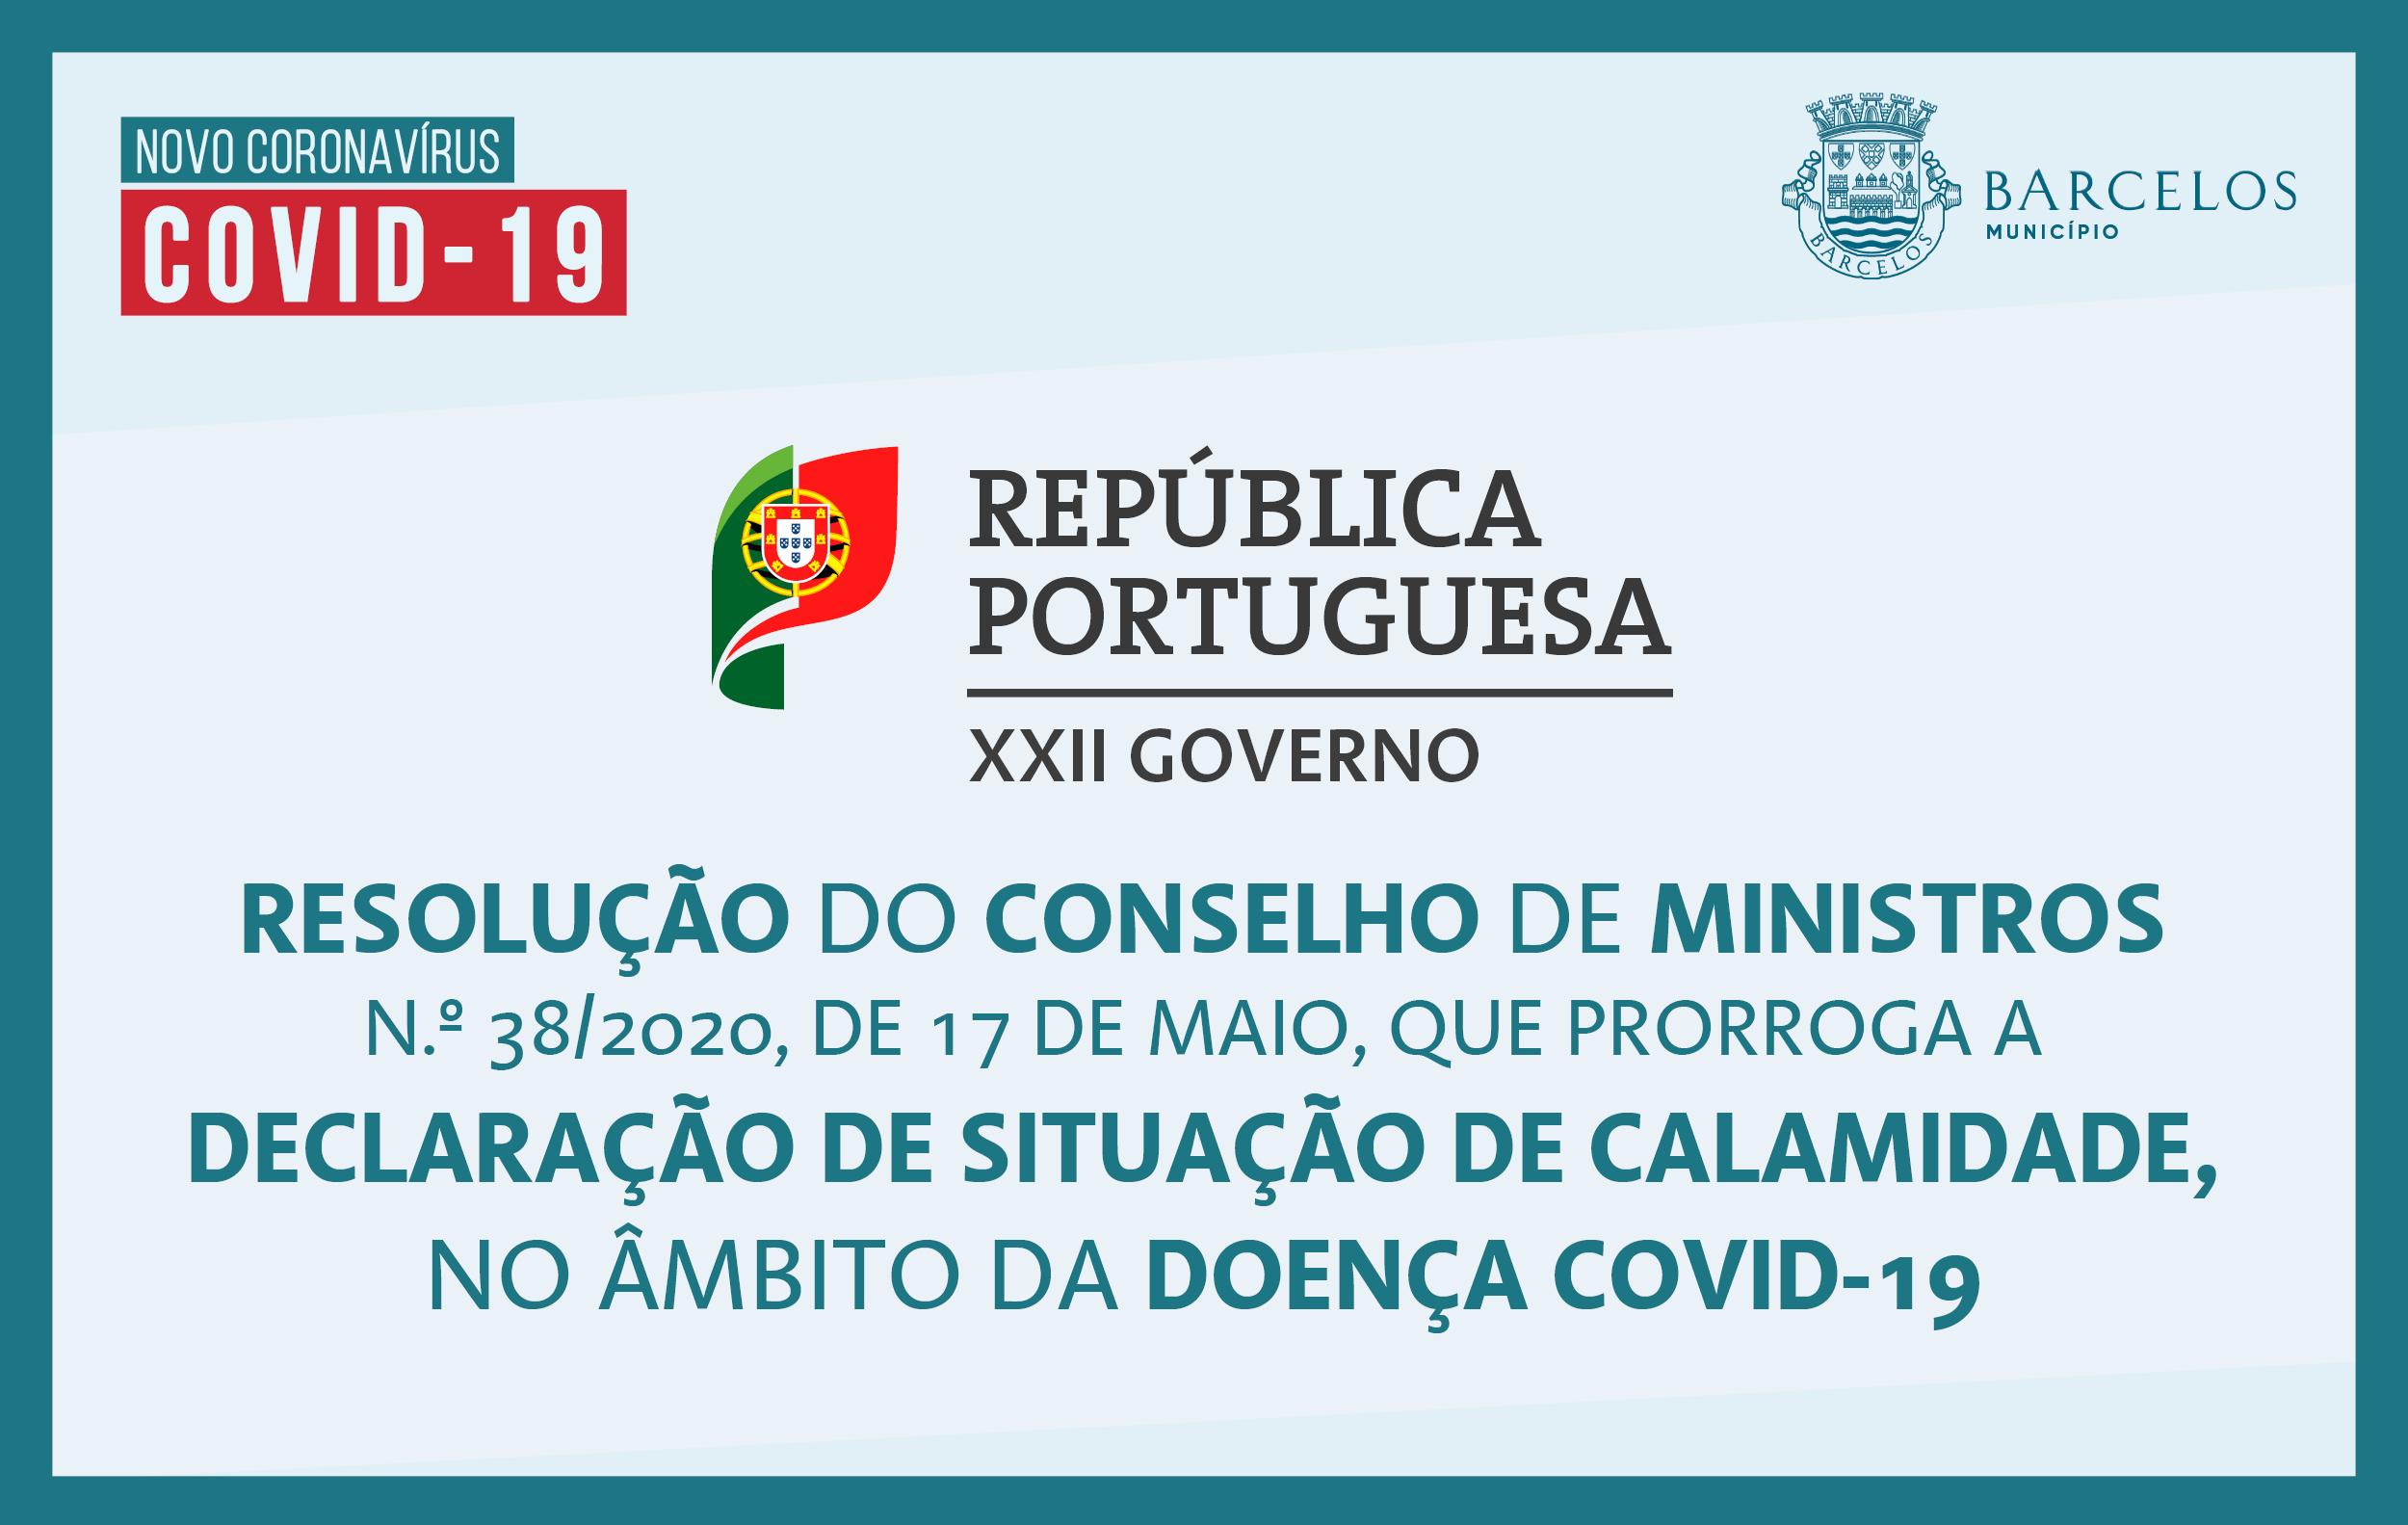 Resolução do Conselho de Ministros n.º 38/2020, de 17 de maio, que prorroga a declaração de situação de calamidade, no âmbito da doença Covid-19.